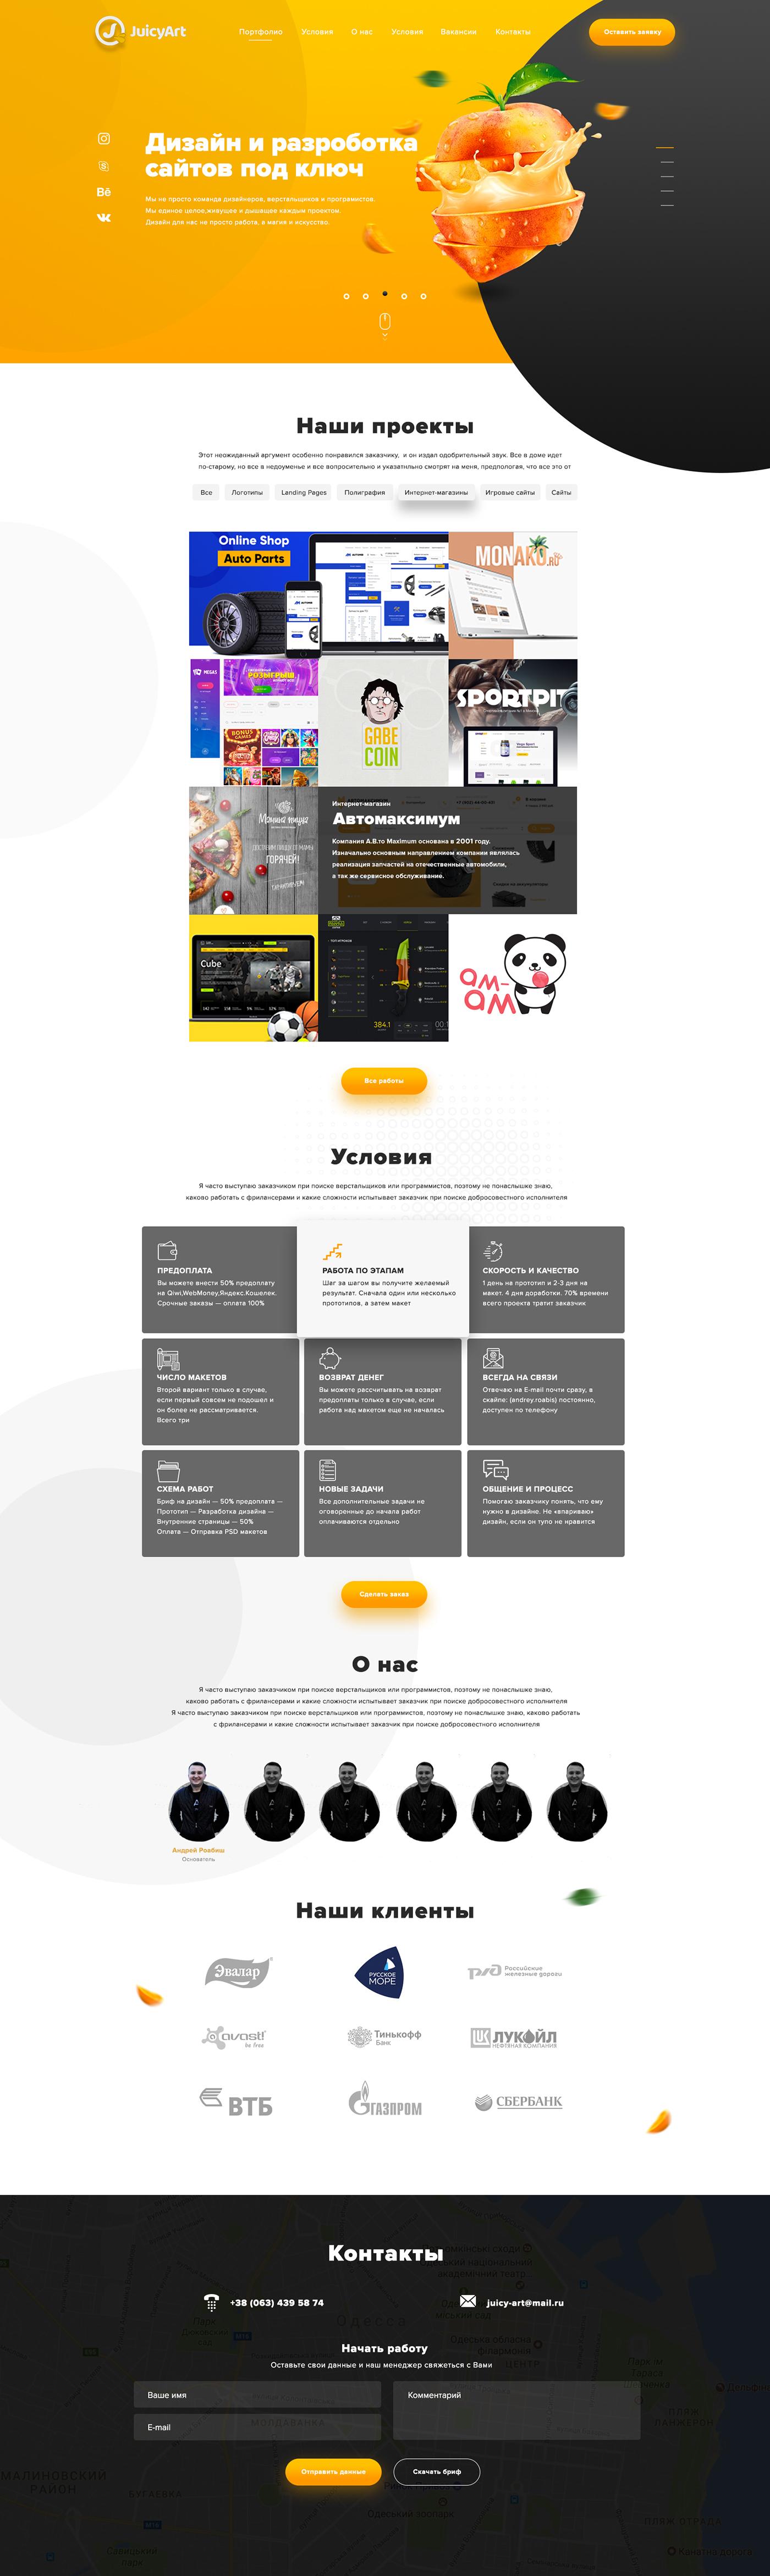 Дизайн студии веб-дизайна: Juicy-ART